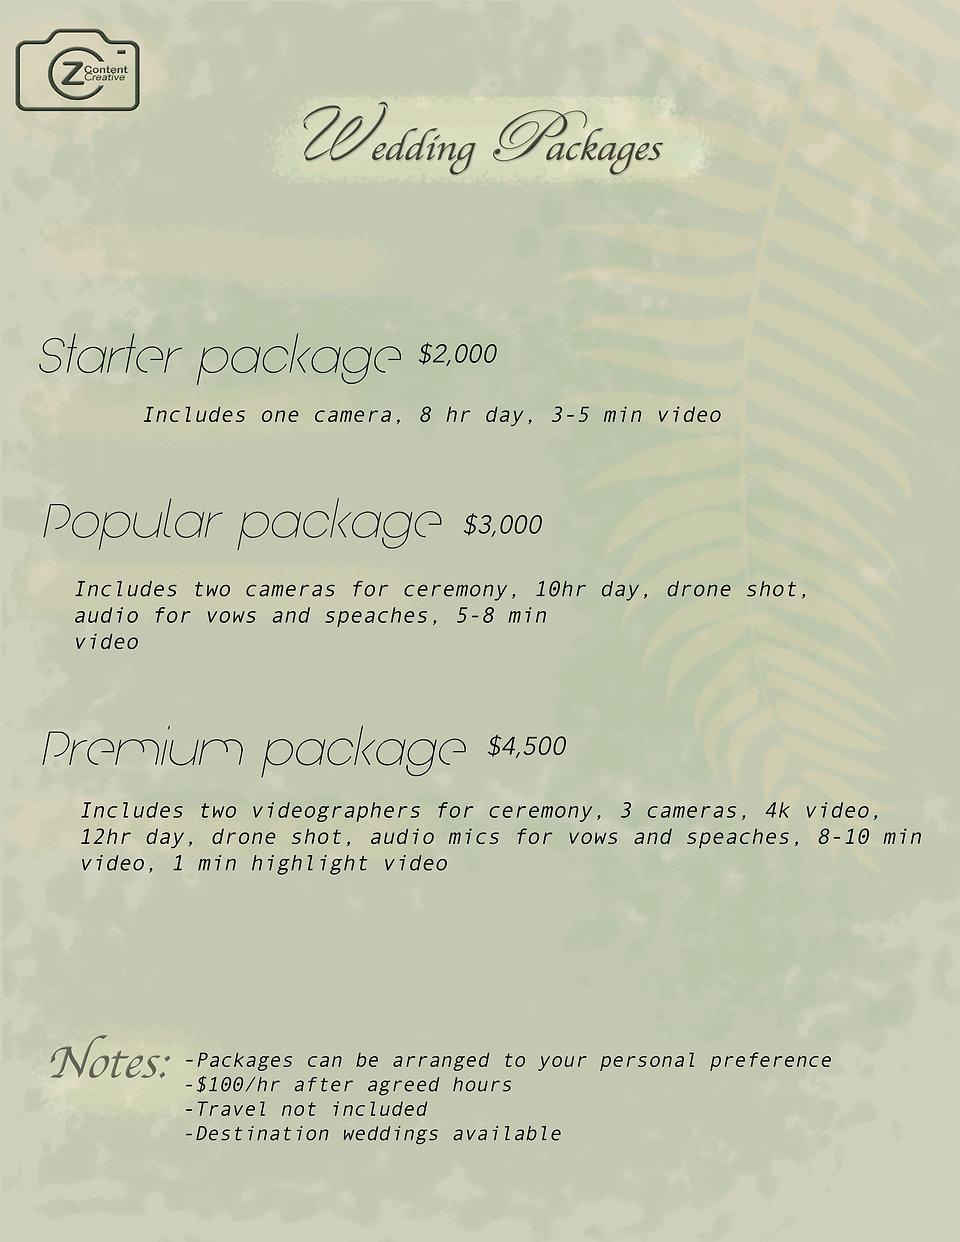 wed packages.jpg